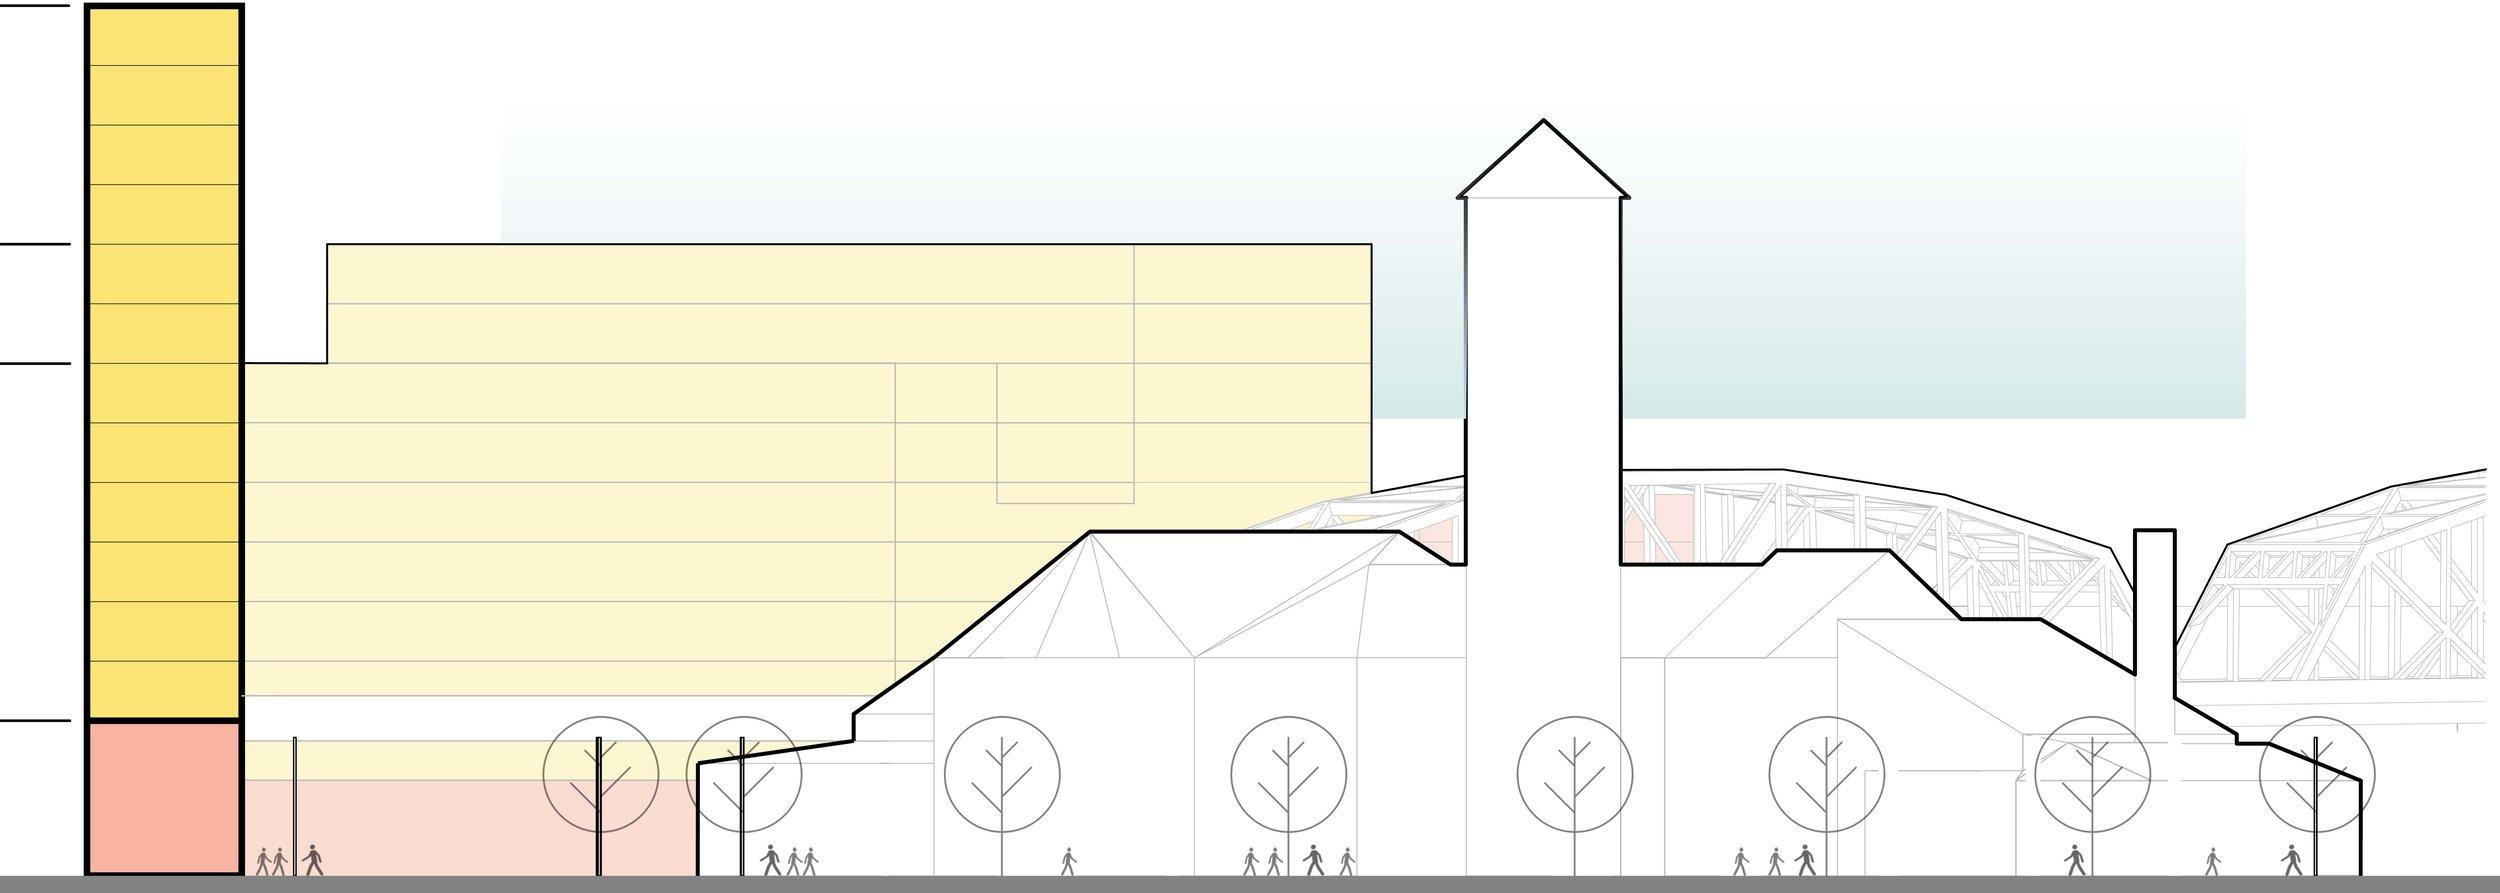 2015_09-15 Section Set1 final.jpg